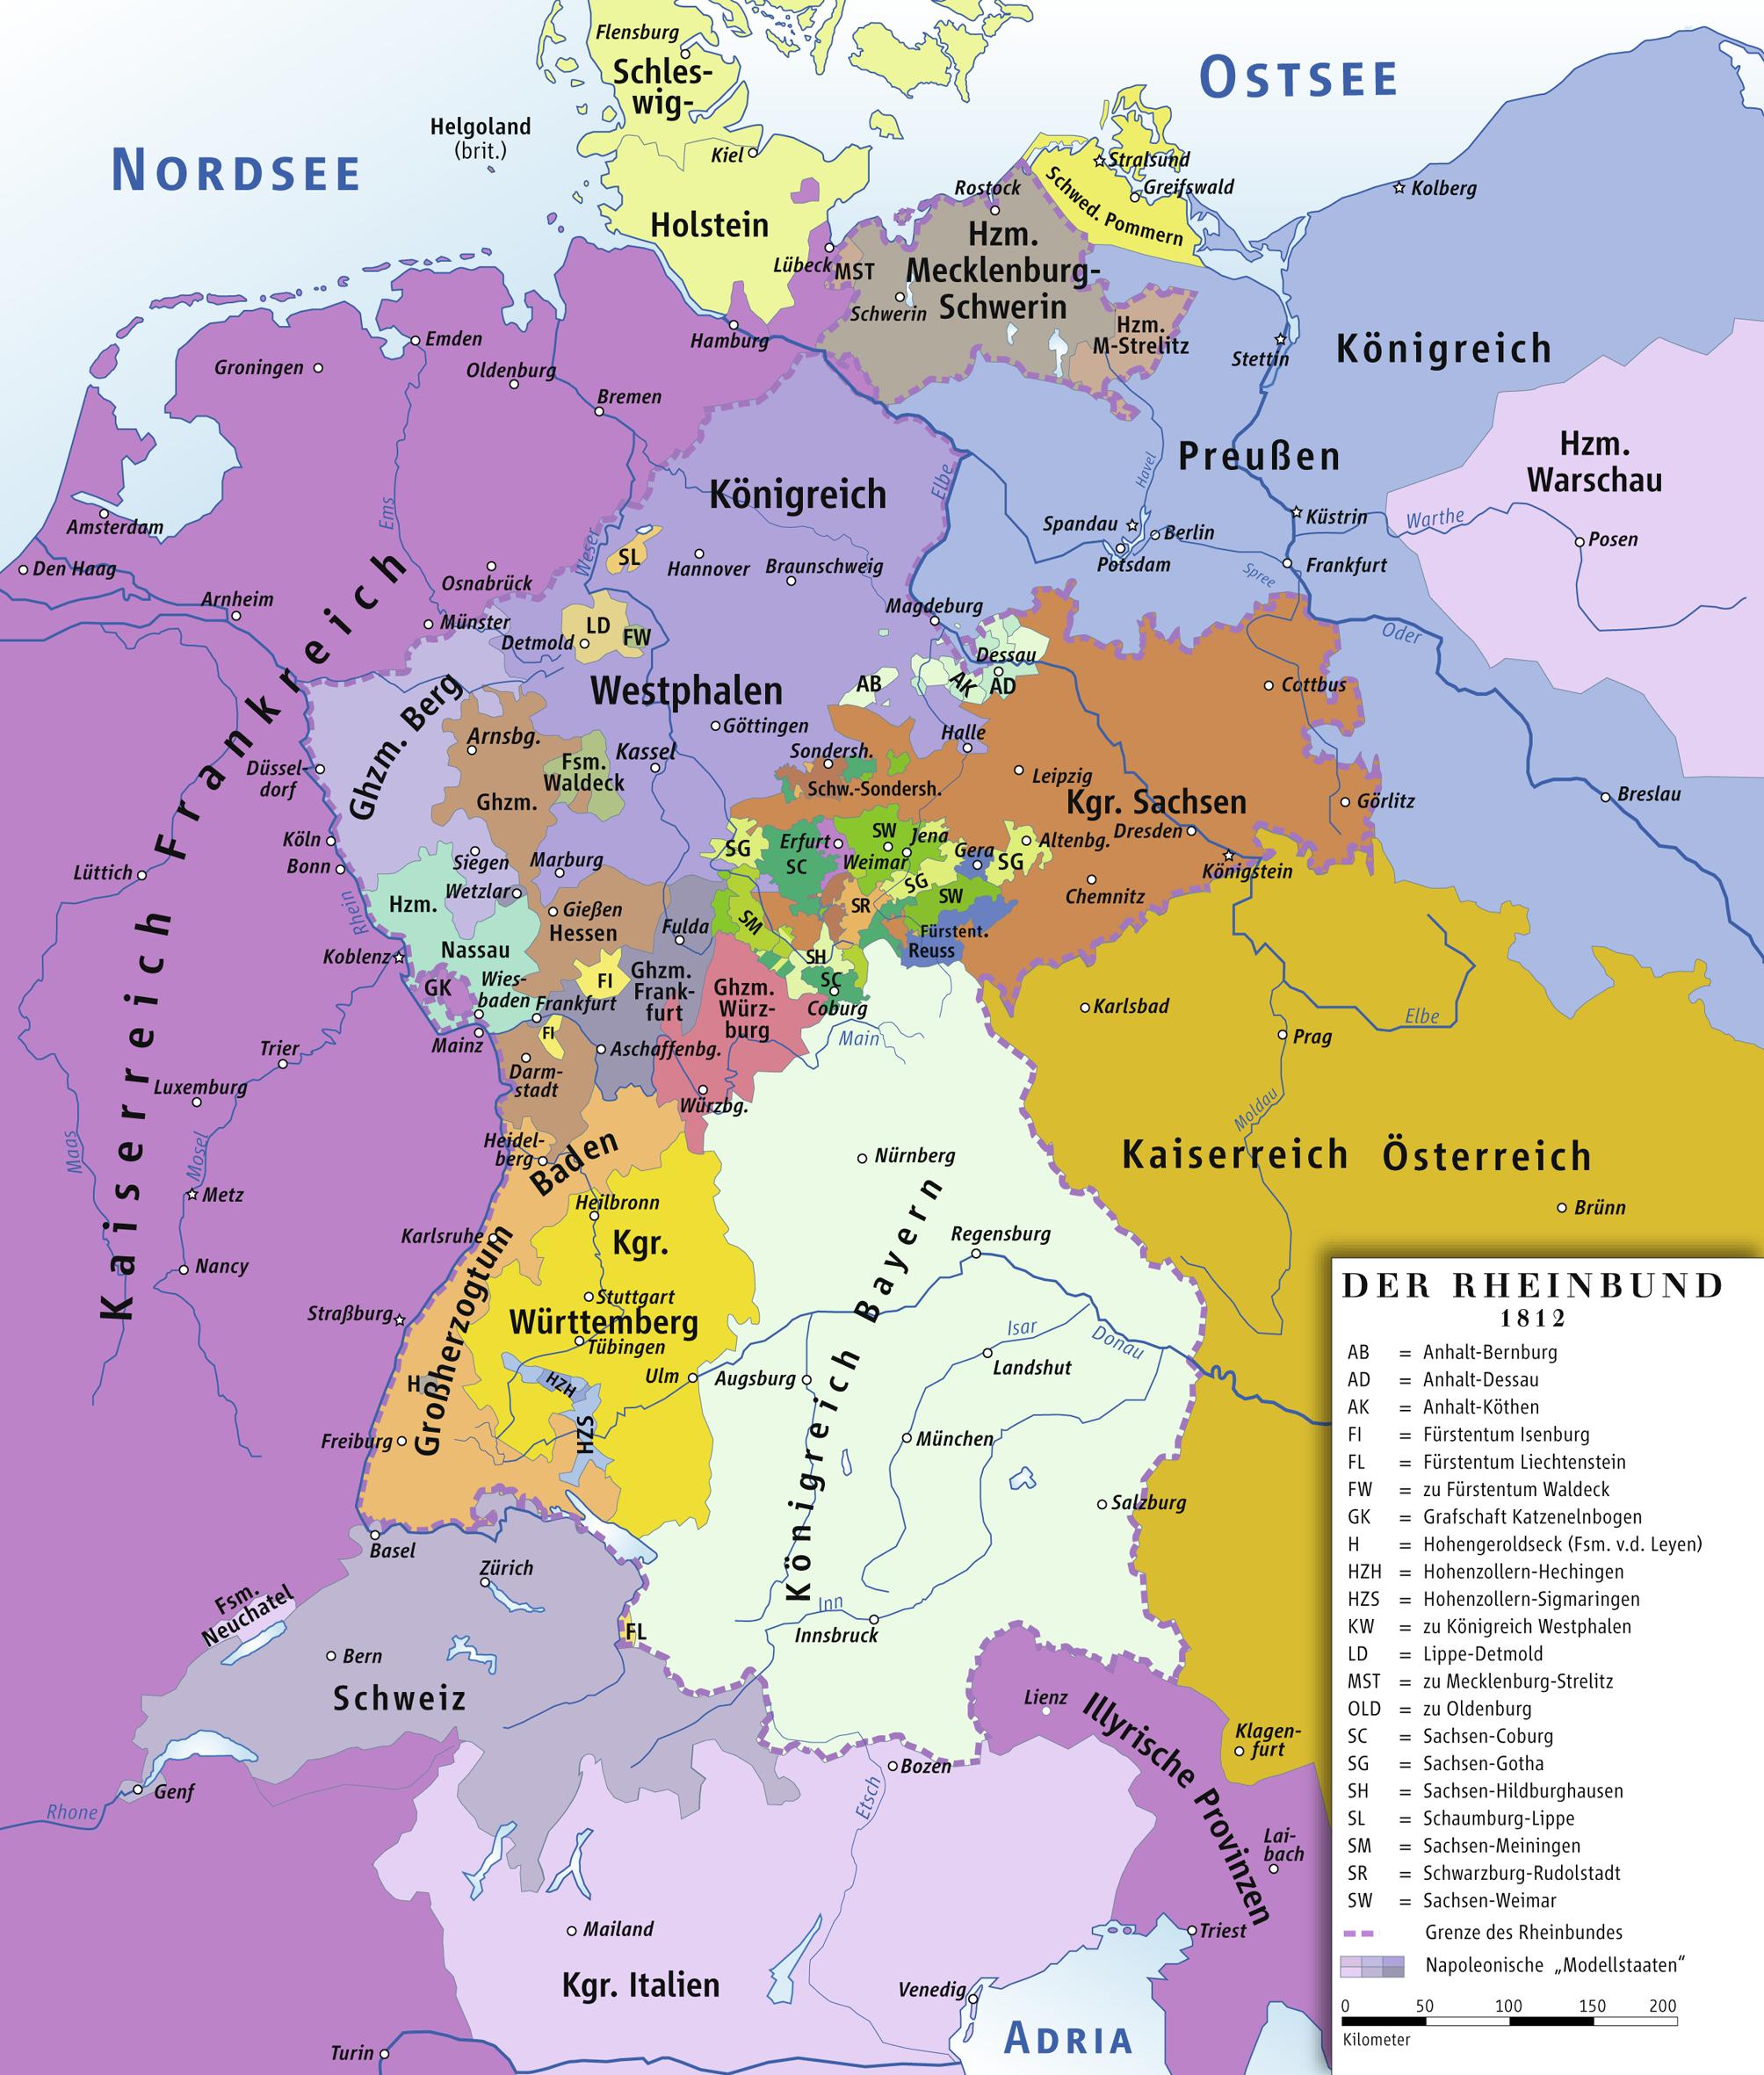 Rheinbund_1812